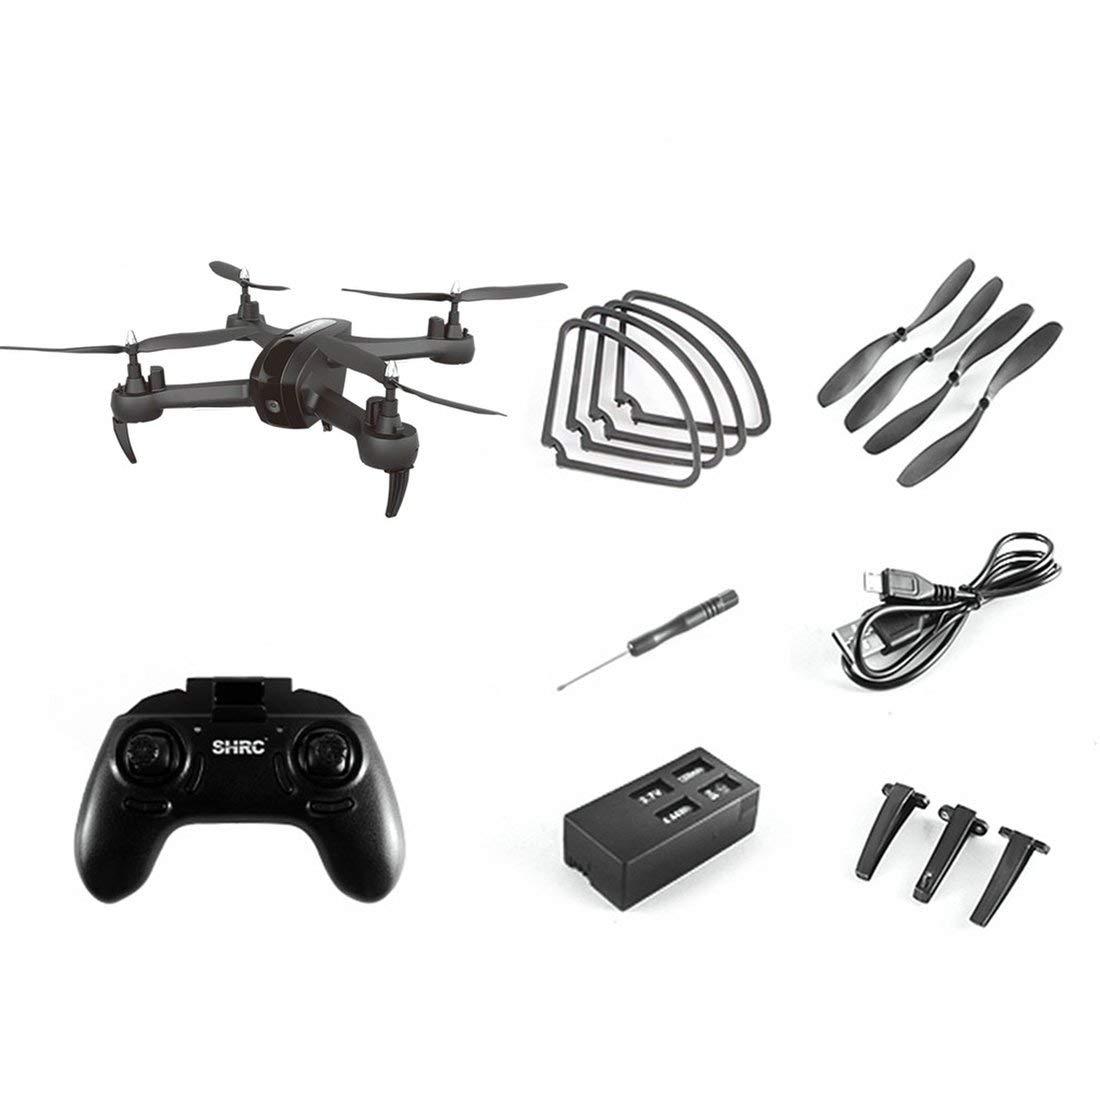 Formulaone SH7 2.4G RC Drohne mit 1080P Kamera Headless Modus Höhe Halten Sie eine Taste Return Mini Fernbedienung Quadrocopter - Schwarz